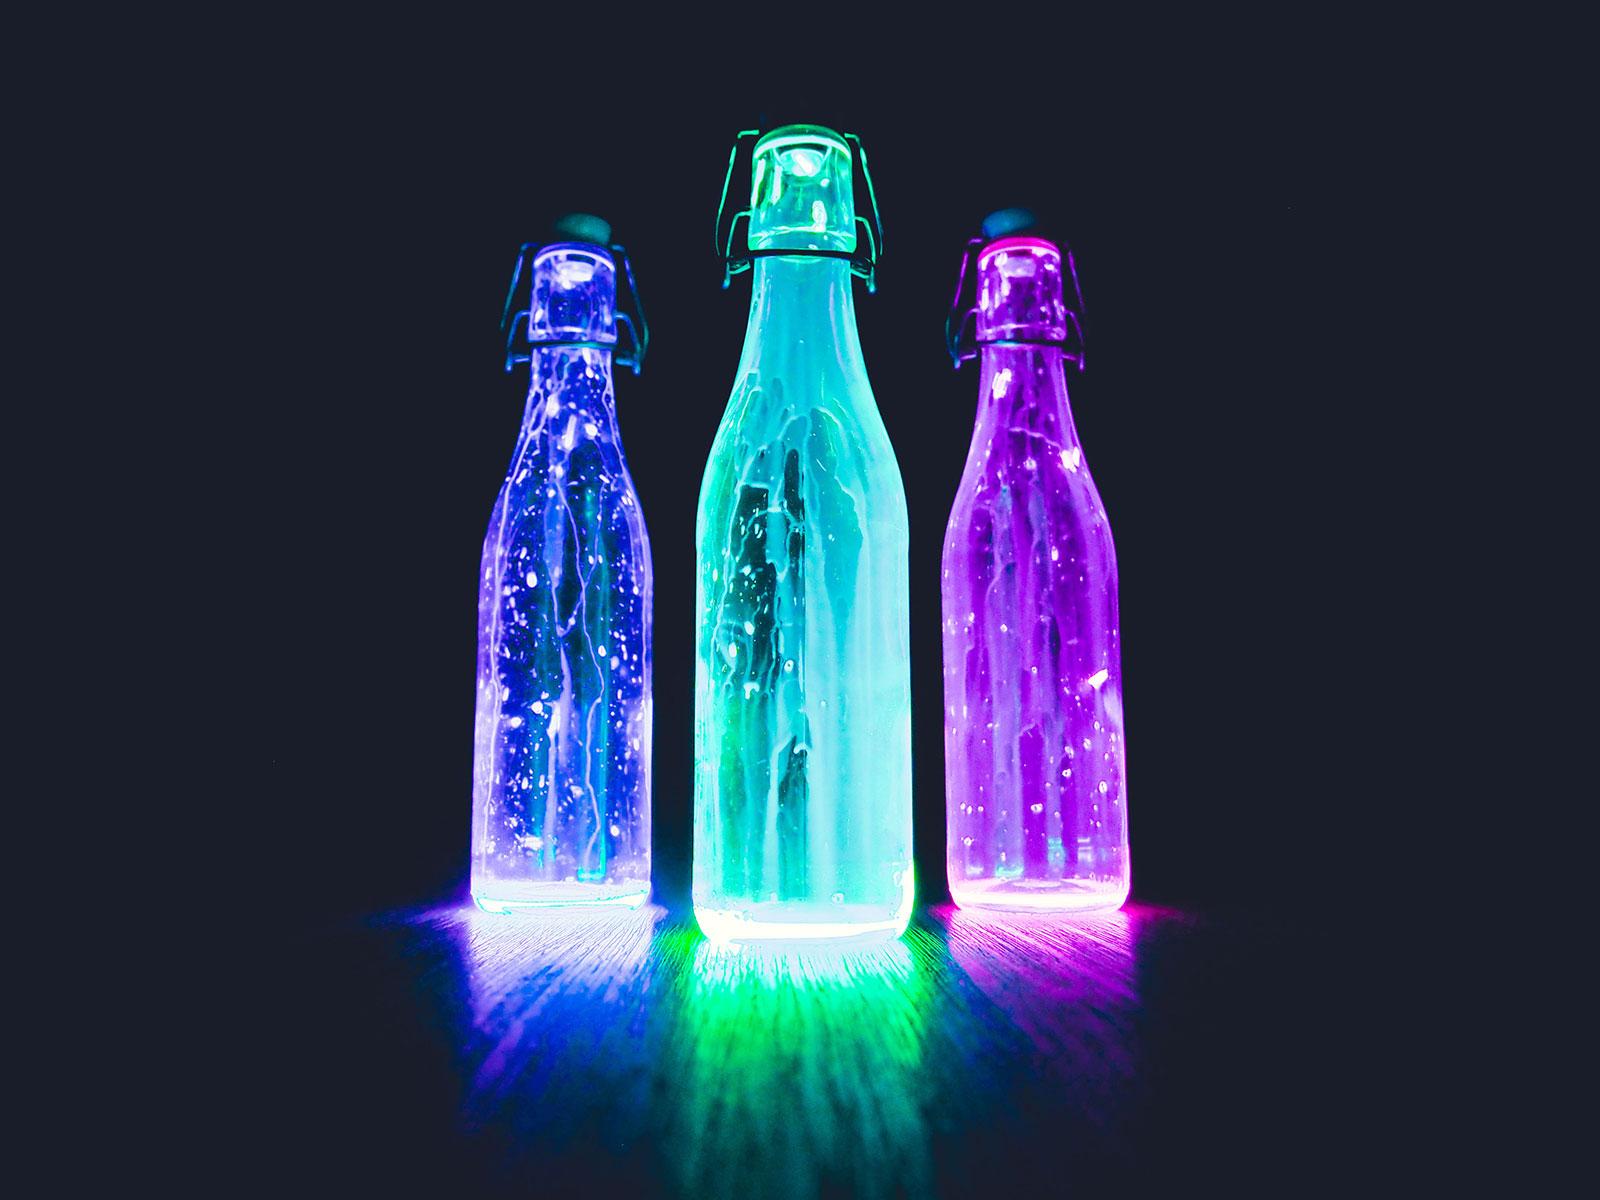 bottlesbg.jpg